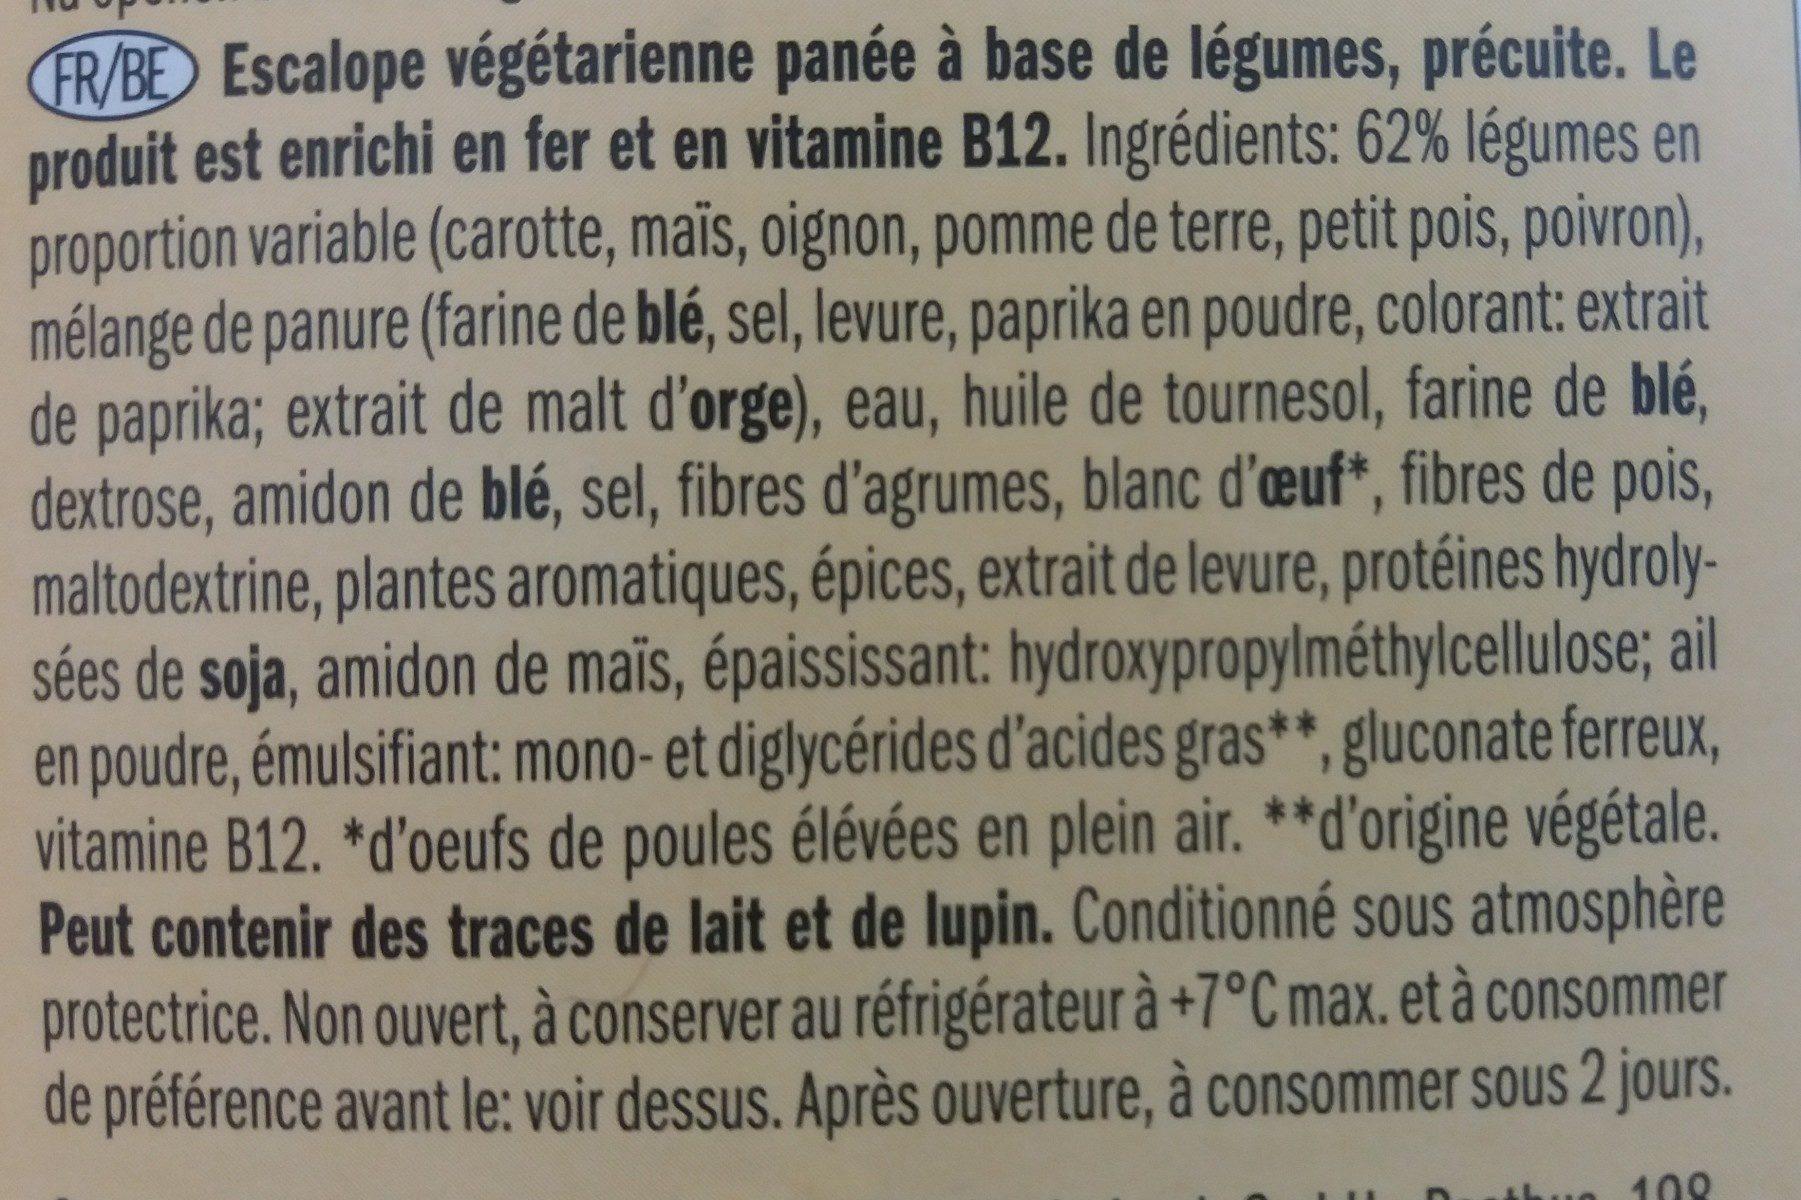 Escalopes de légumes végétarienne - Ingredients